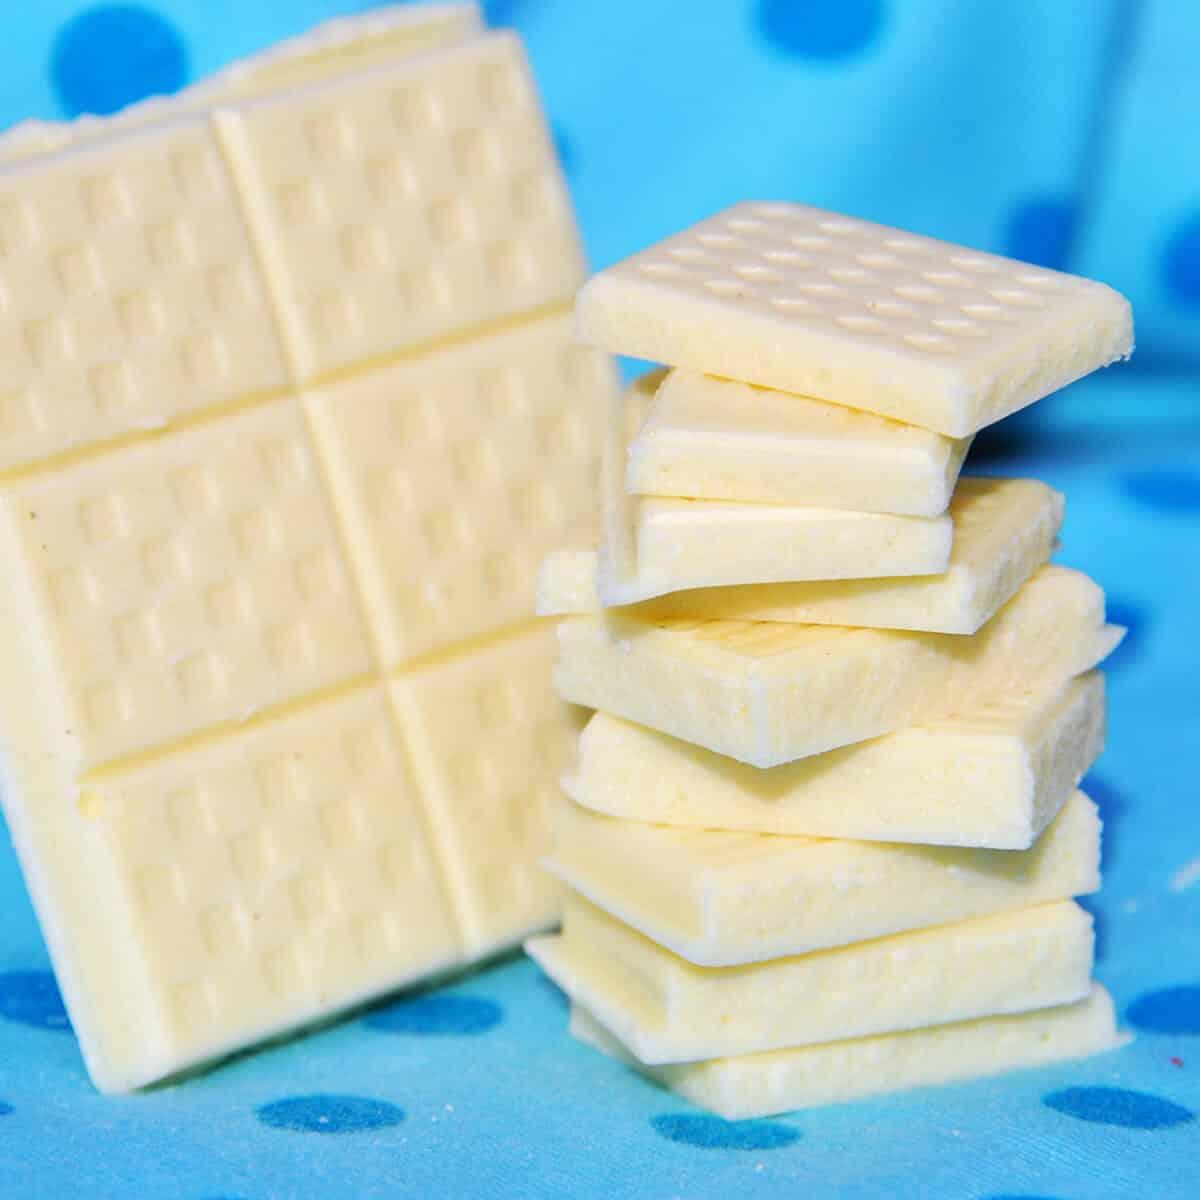 5 Minuten - 3 Zutaten - 0 Zucker: Einfache, weiße Low Carb Schokolade ohne Zucker, für die du nur 3 Zutaten benötigst und nicht mehr als 5 Minuten Zubereitungszeit. Dieses Rezept für weiße Low Carb Schokolade ist eines meiner Low Carb Grundrezepte geworden und eignet sich natürlich auch perfekt zum Low Carb backen.